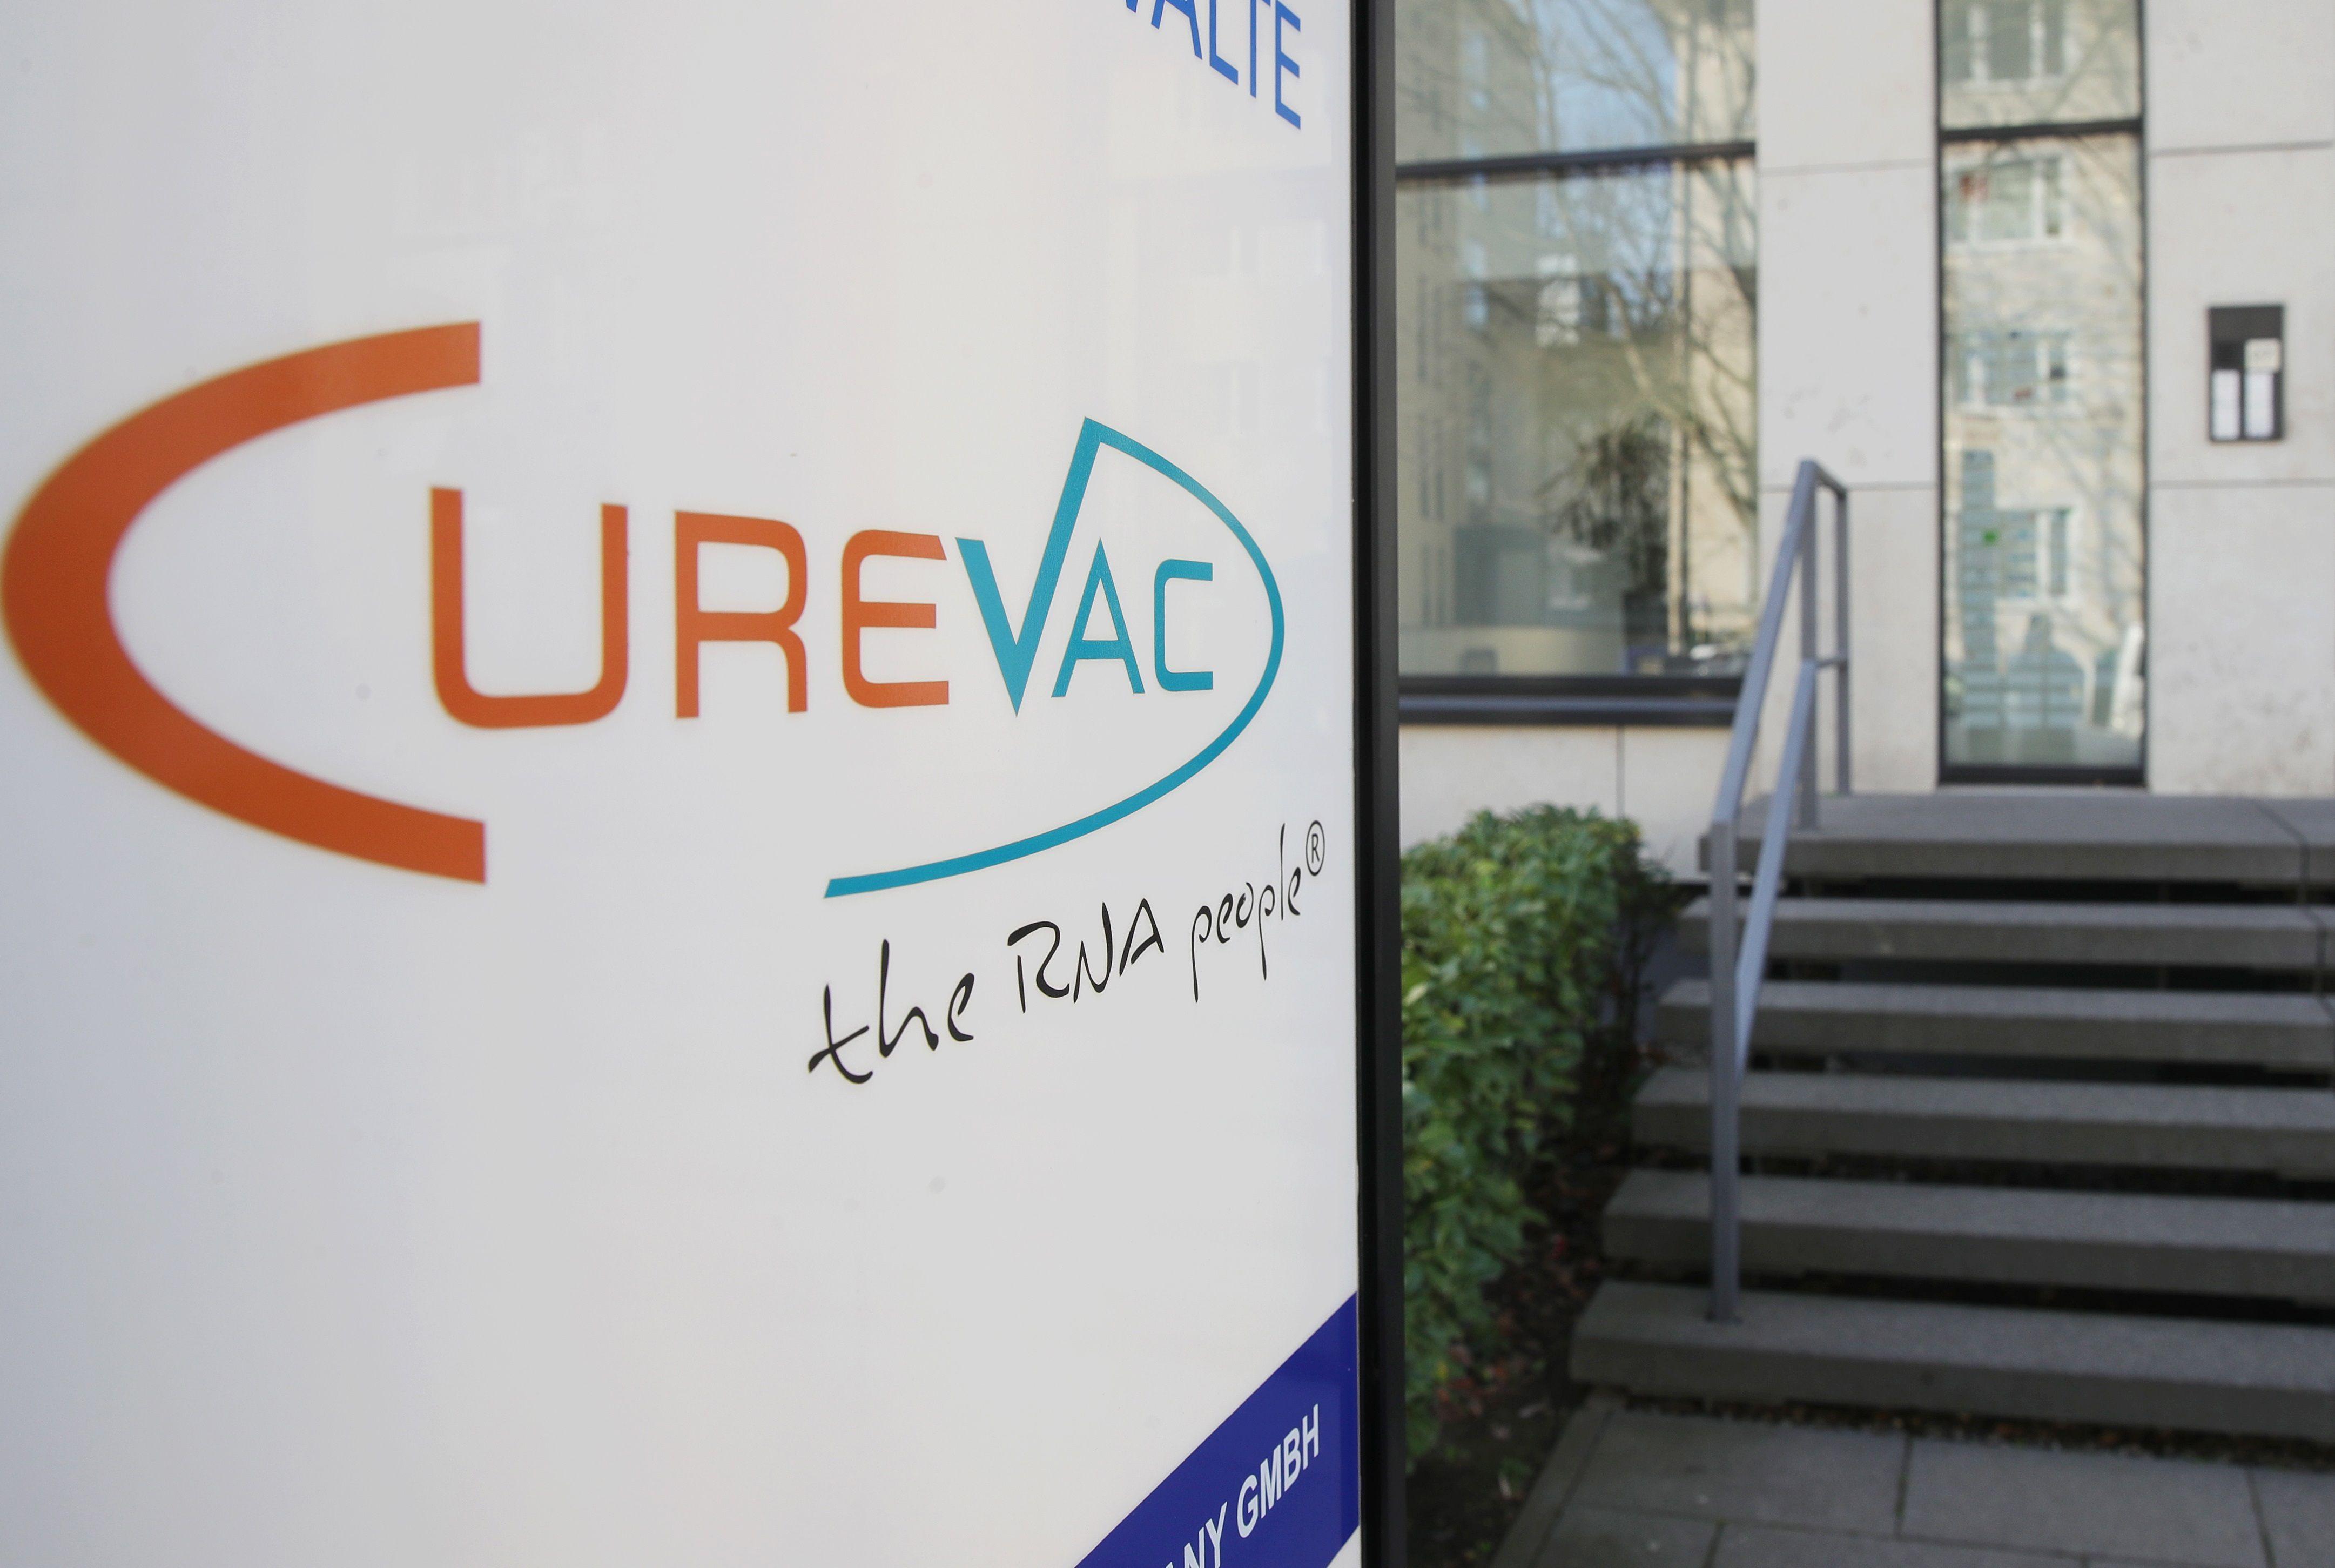 CureVac, que se asoció con Bayer en enero, inició en diciembre las últimas pruebas de su vacuna experimental y dijo que espera tener resultados provisionales en el primer trimestre (EFE)